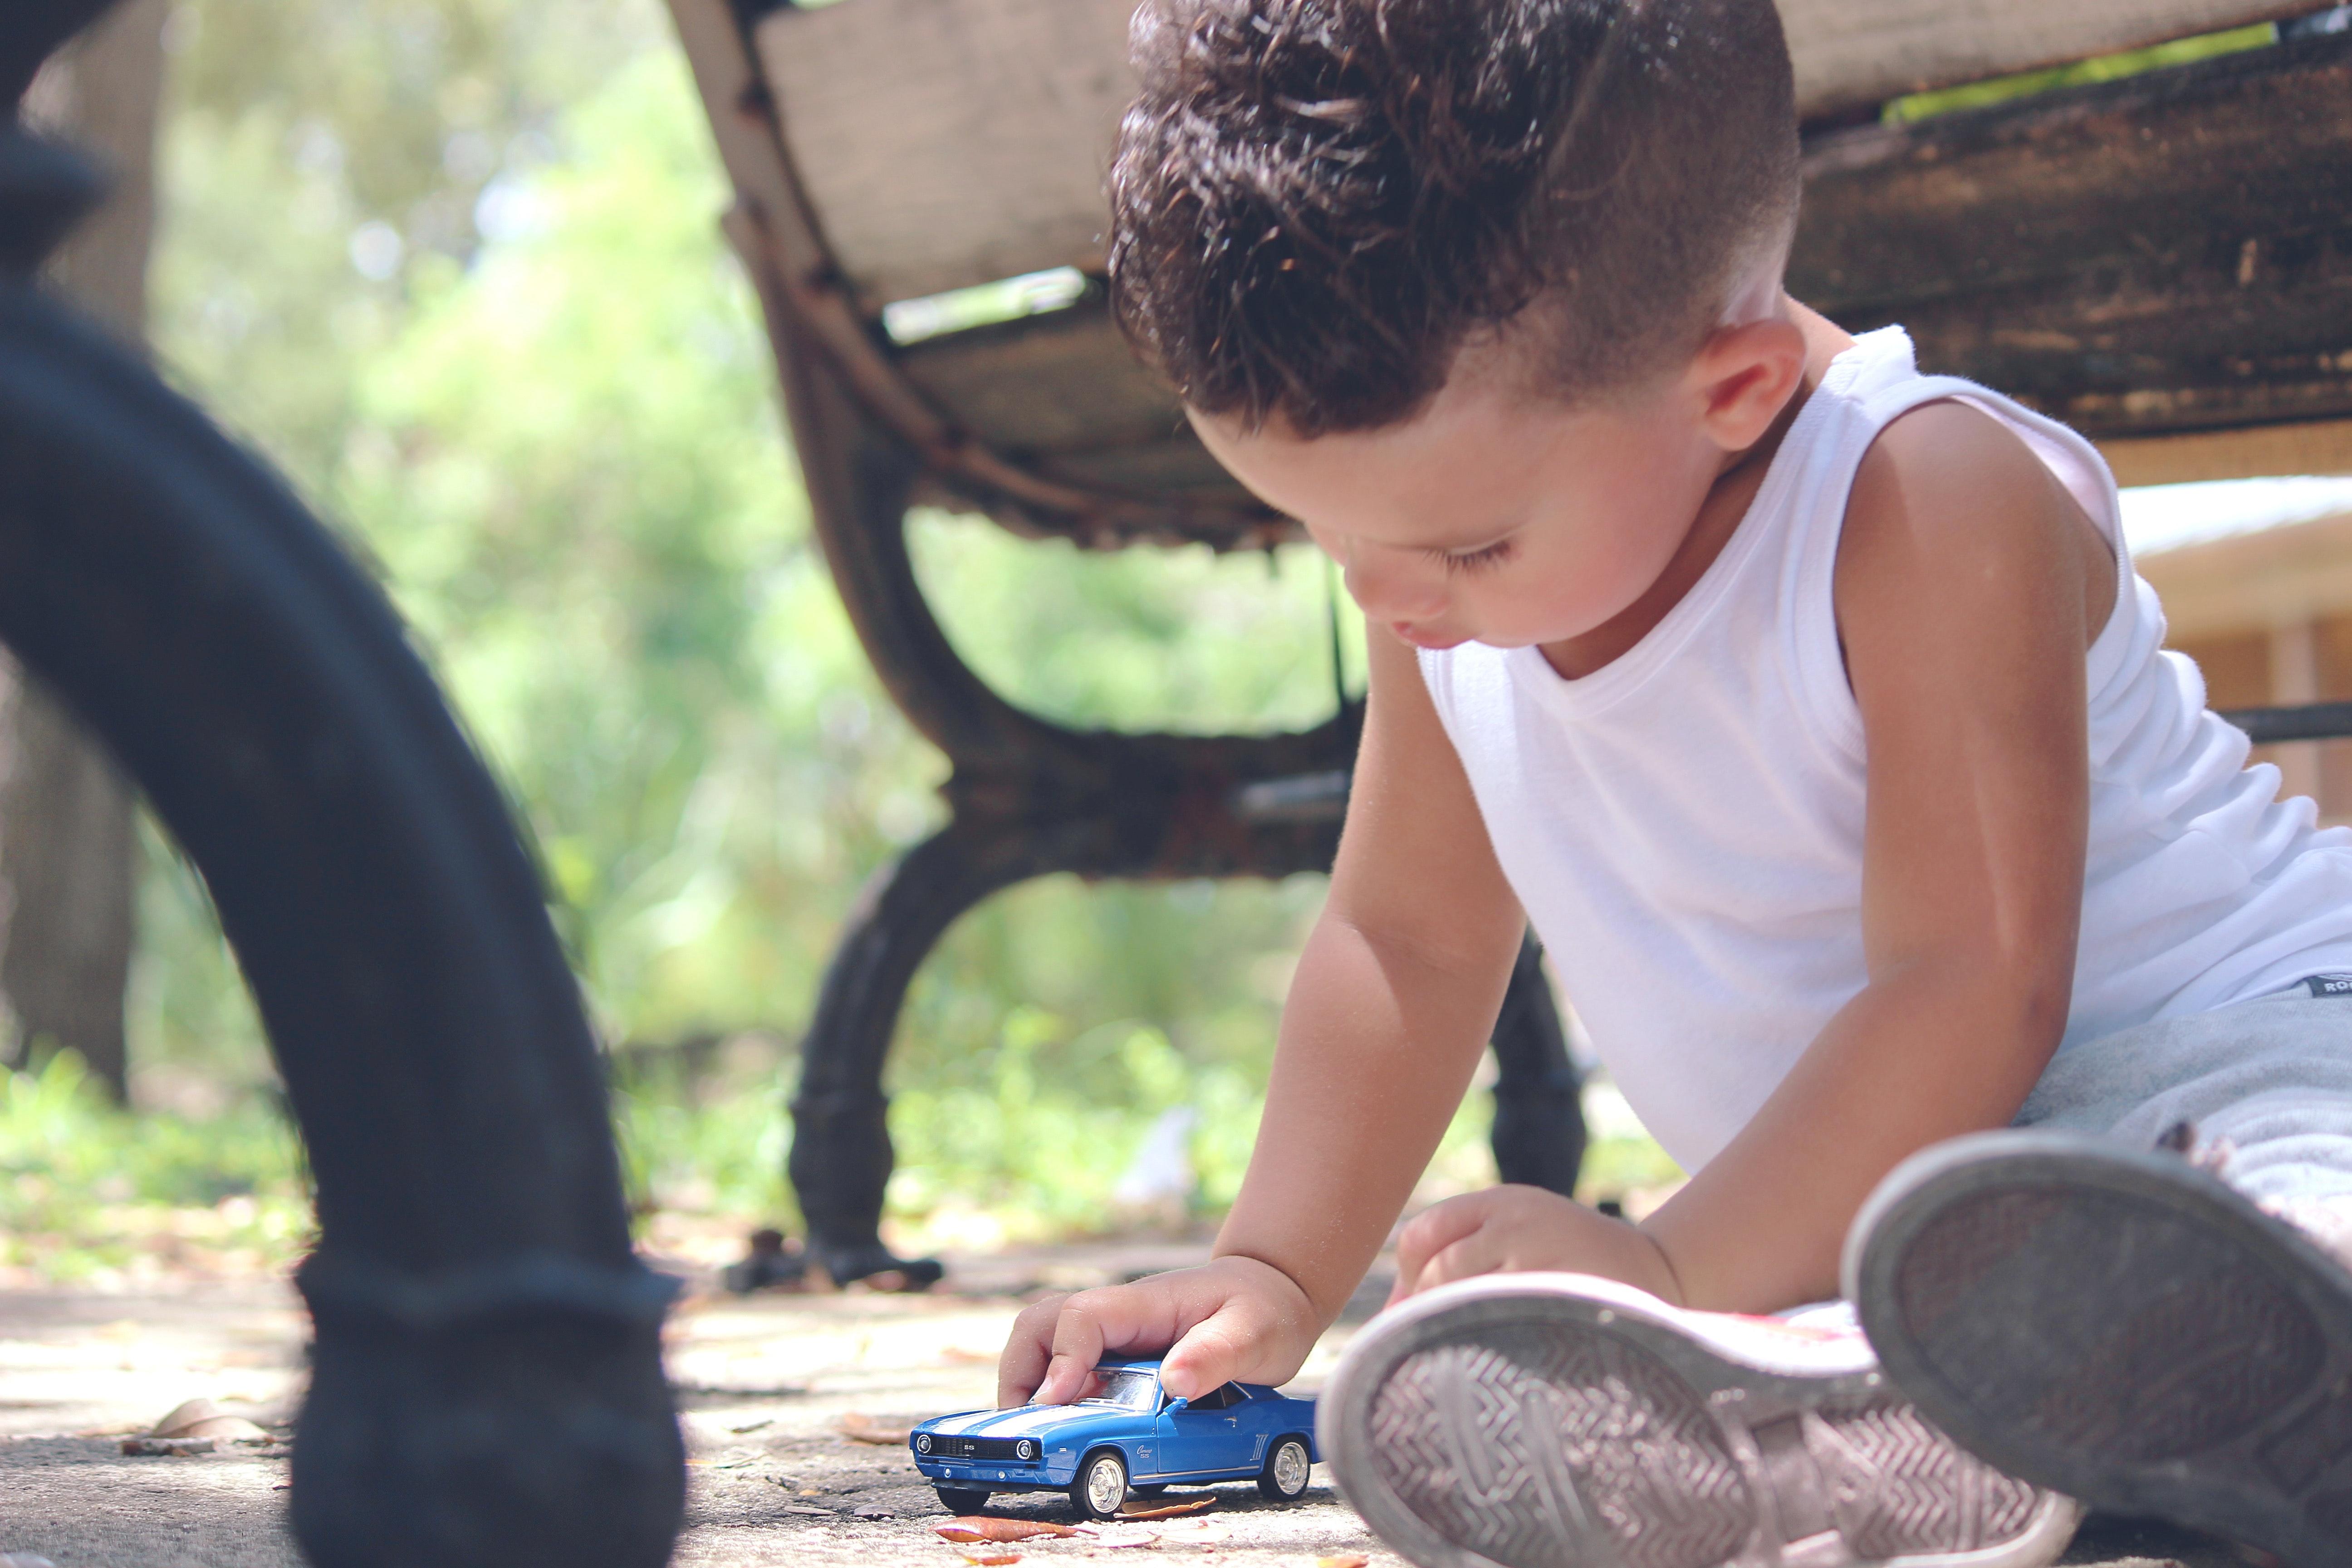 criança brincando sozinha